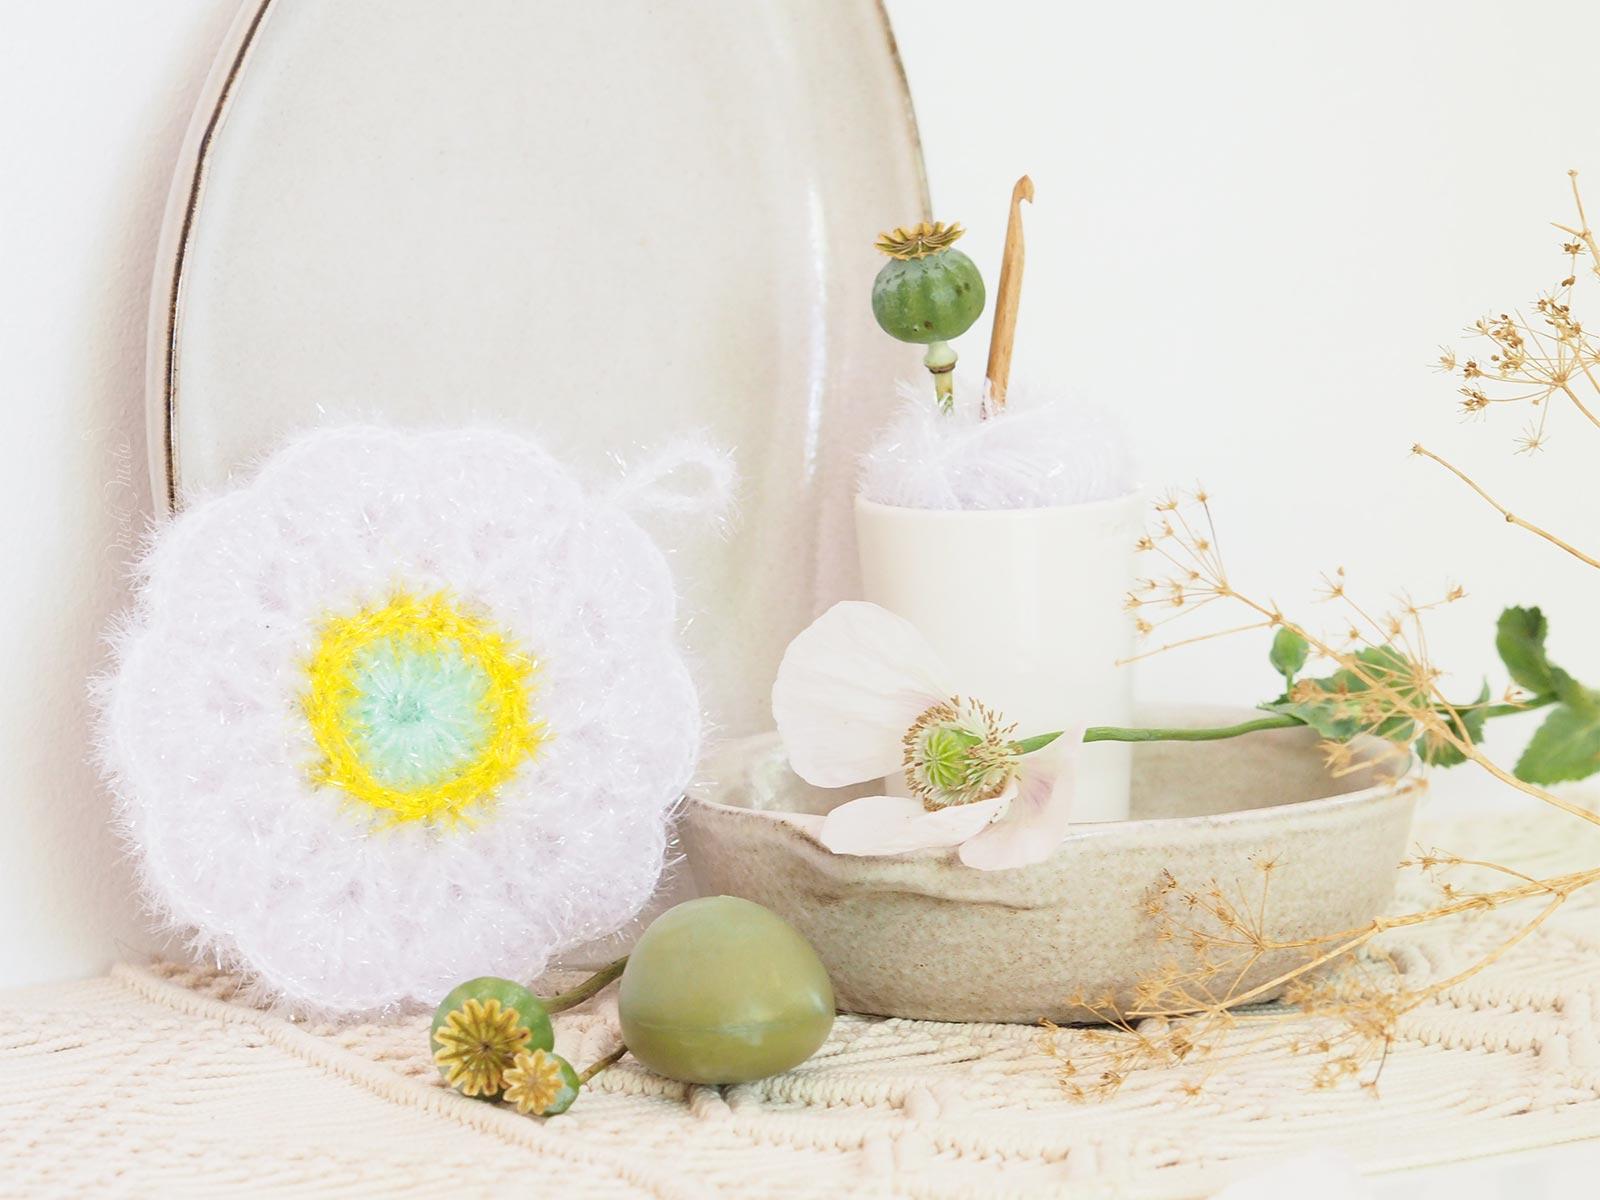 tutoriel éponge durable fleur pavot crochet tawashi creative bubble upcycling laboutiquedemelimelo